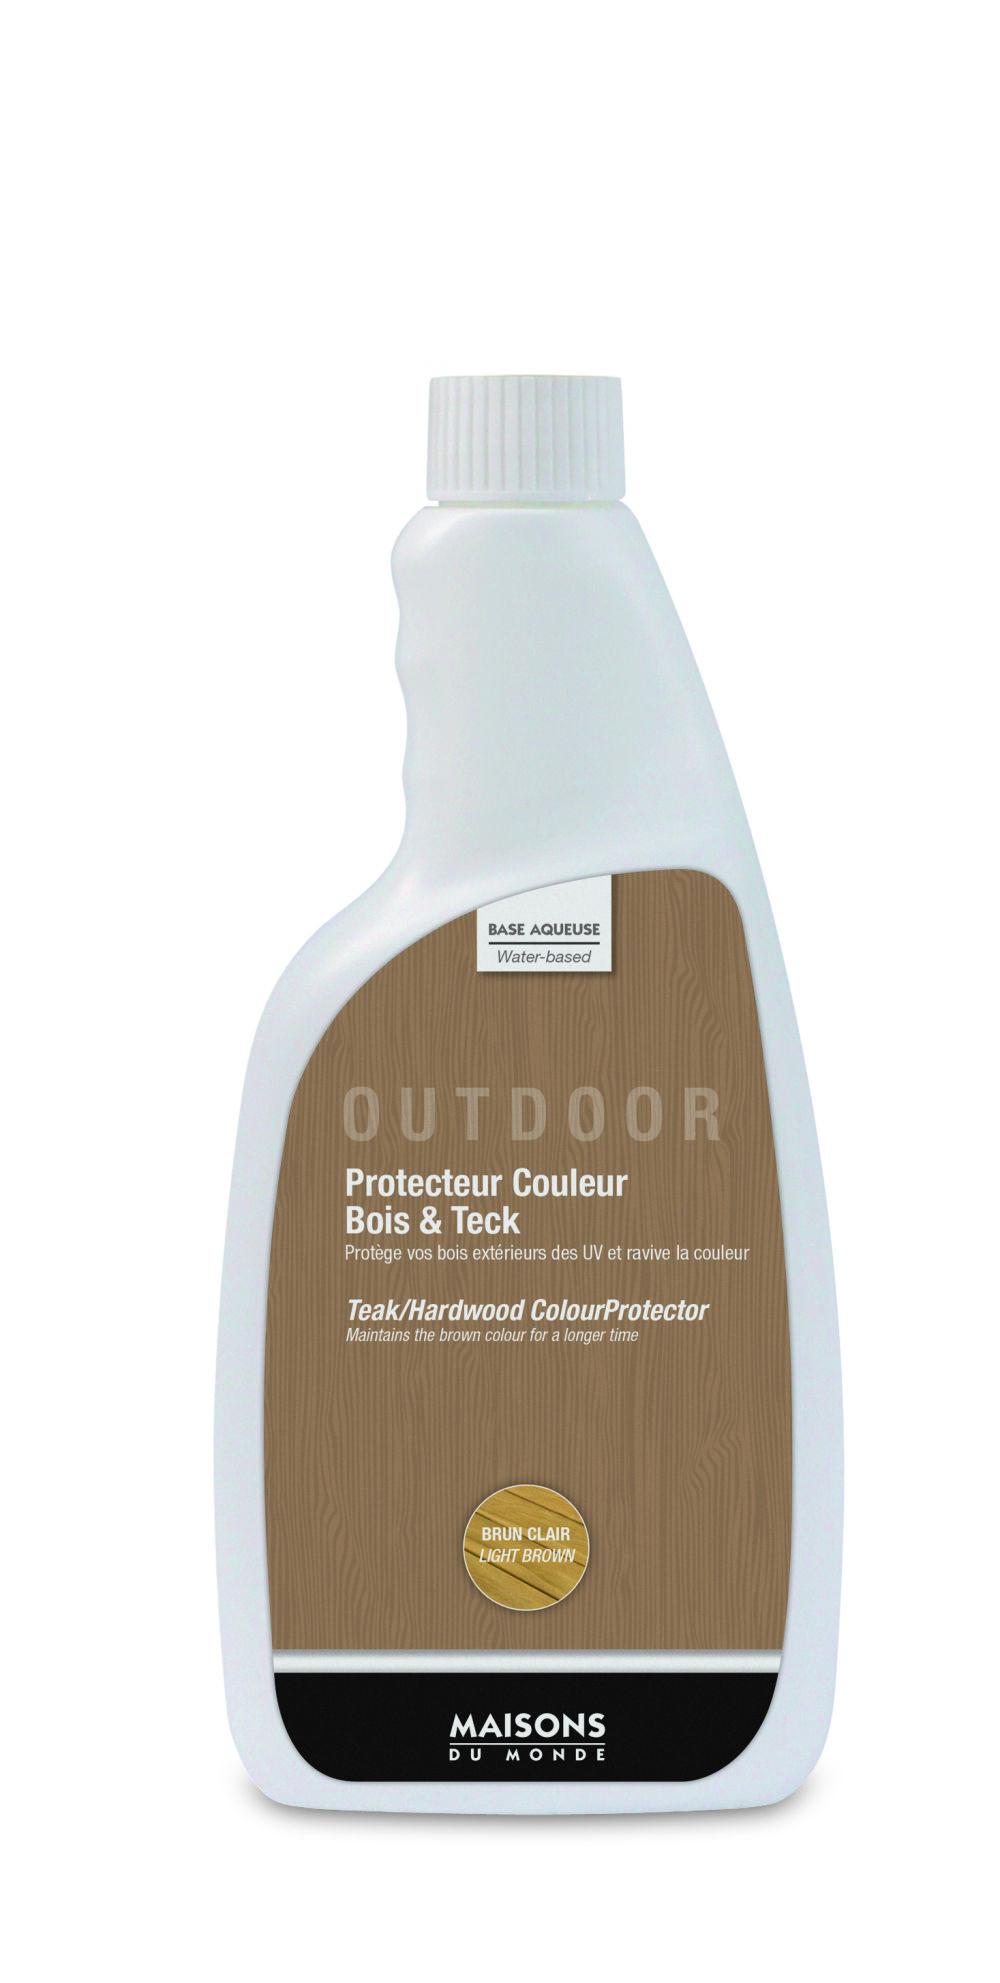 Protecteur couleur bois et teck pour mobilier d'extérieur